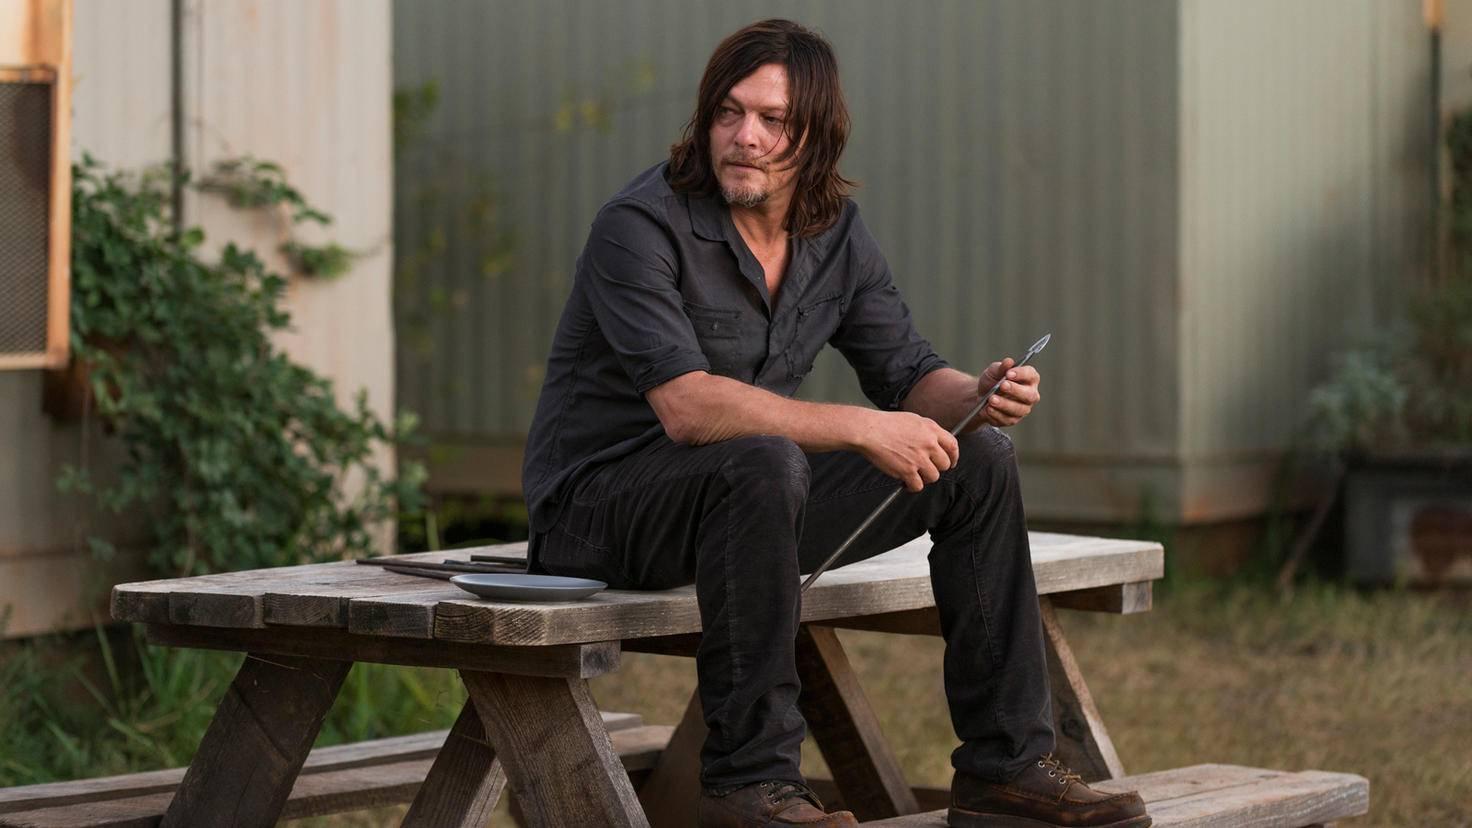 Daryls Charakter entwickelte sich über sieben Staffeln. Neue Figuren hingegen bleiben oberflächlich und uninteressant.